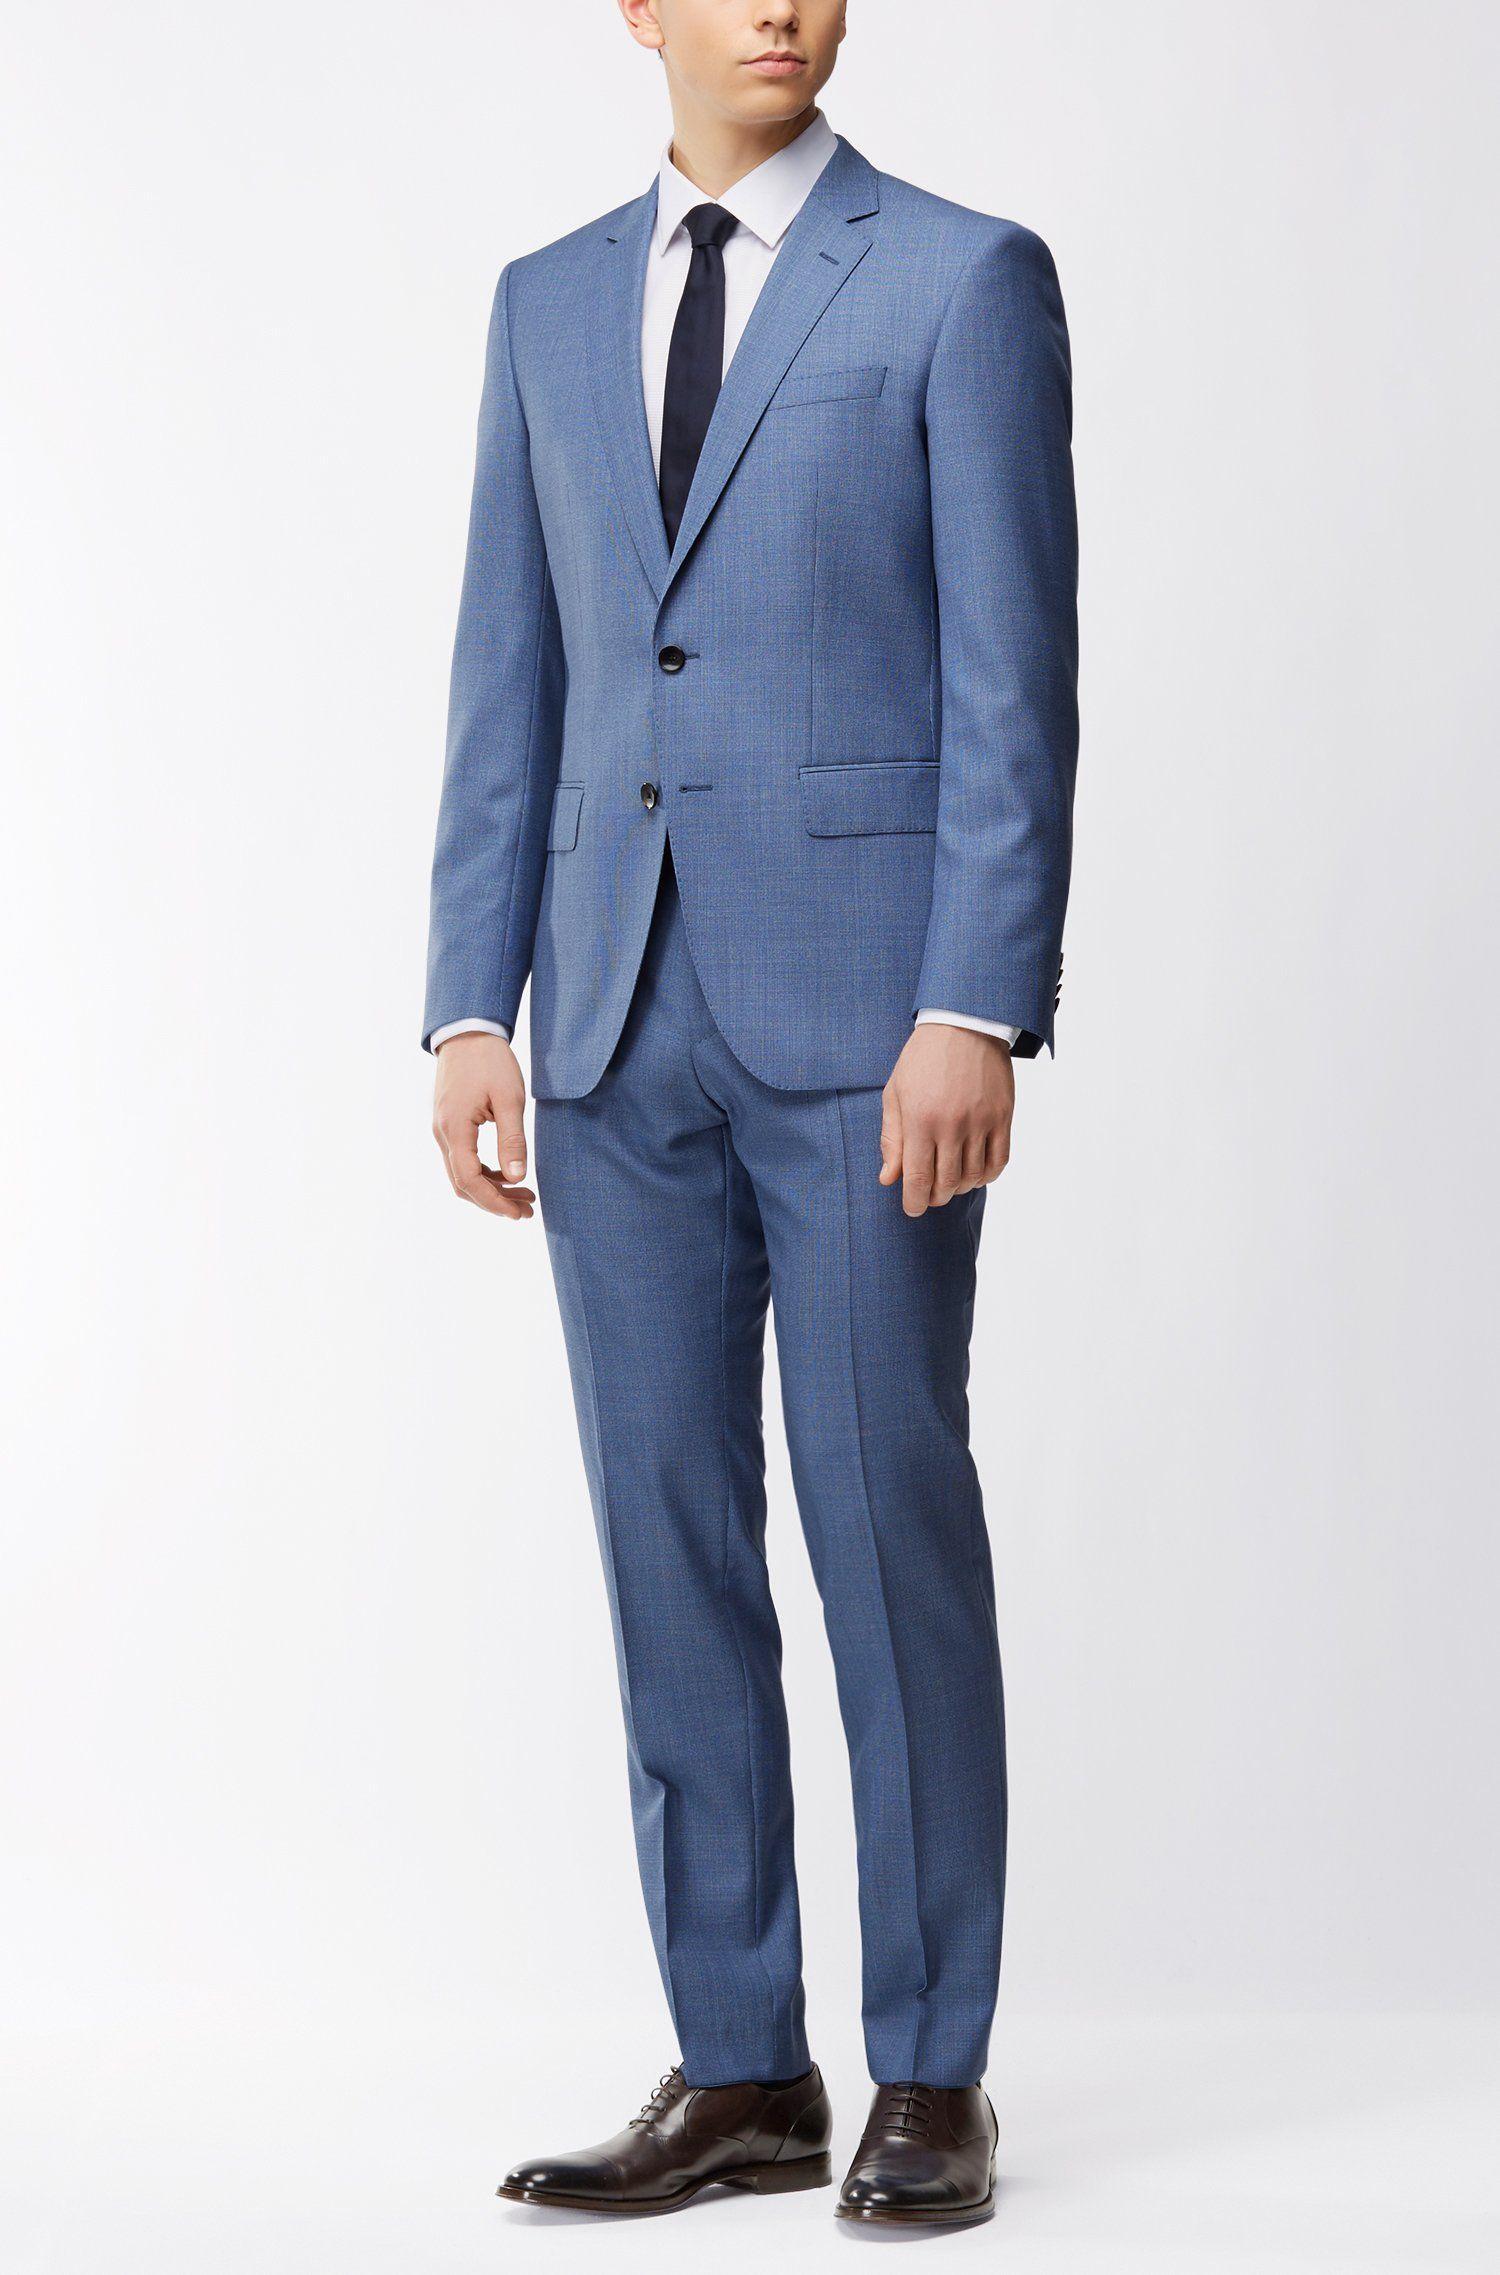 Vestiti Per Matrimonio Uomo Invitato : Abiti da cerimonia uomo tendenze moda